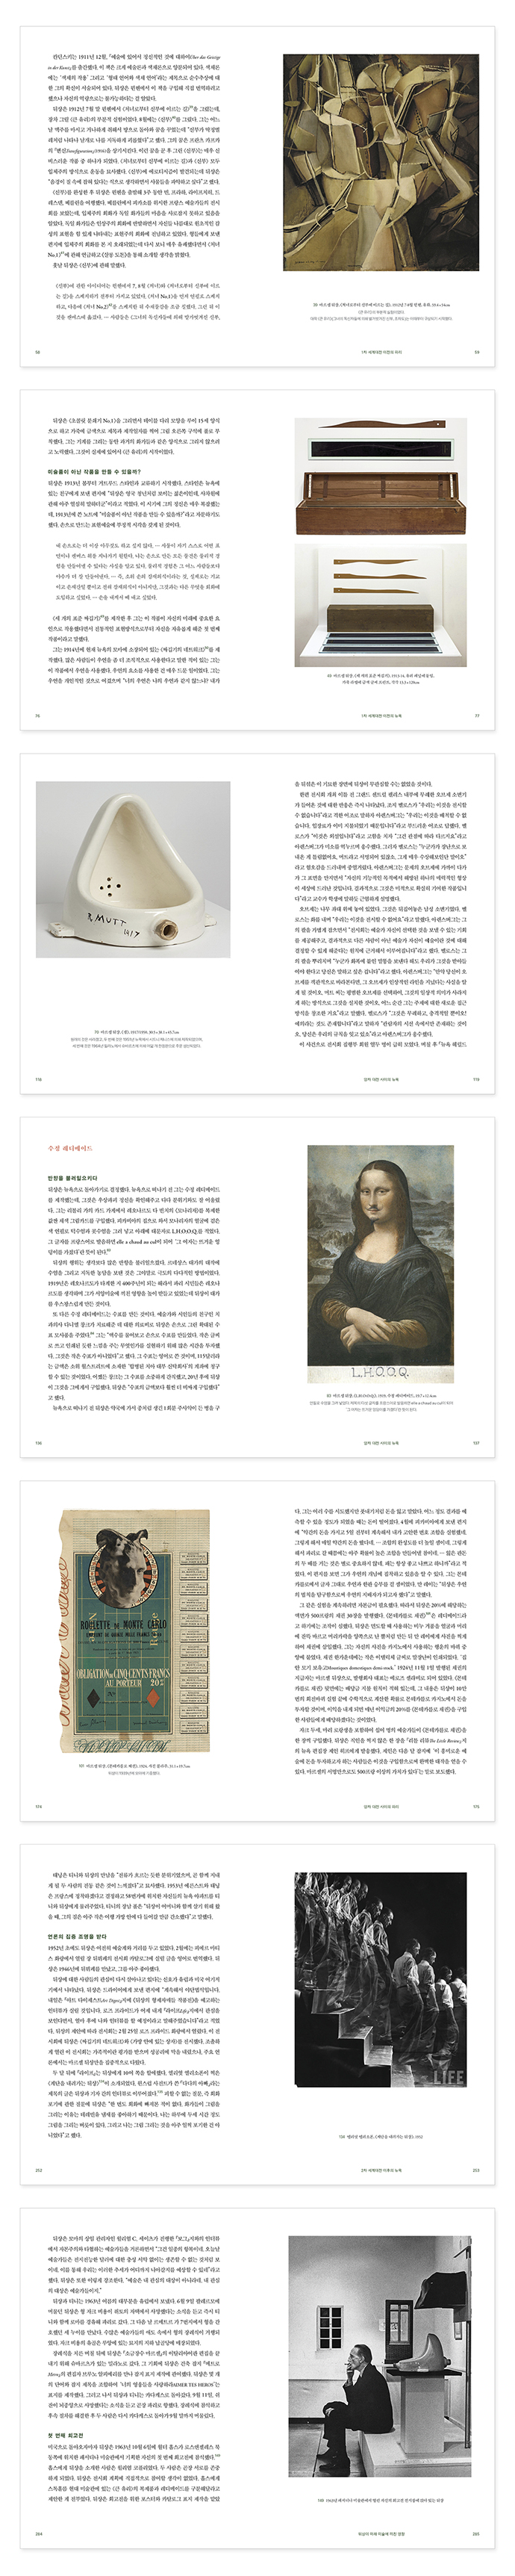 뒤샹-preview(교보).jpg